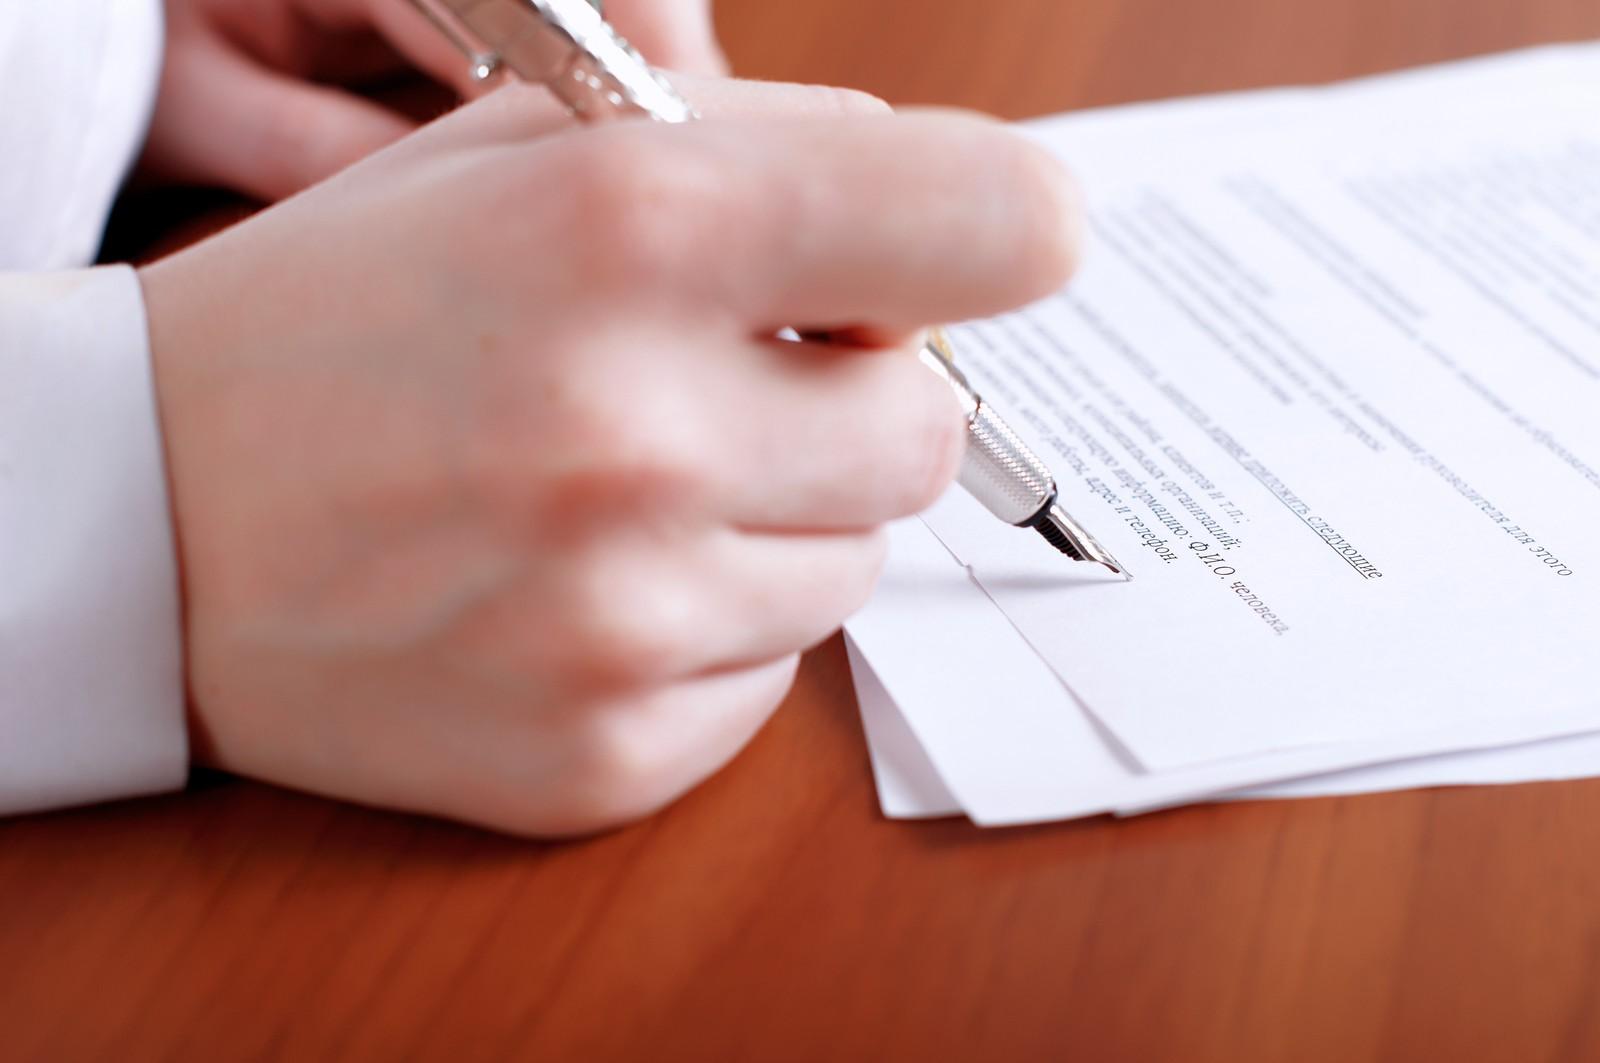 Перьевая ручка в руке